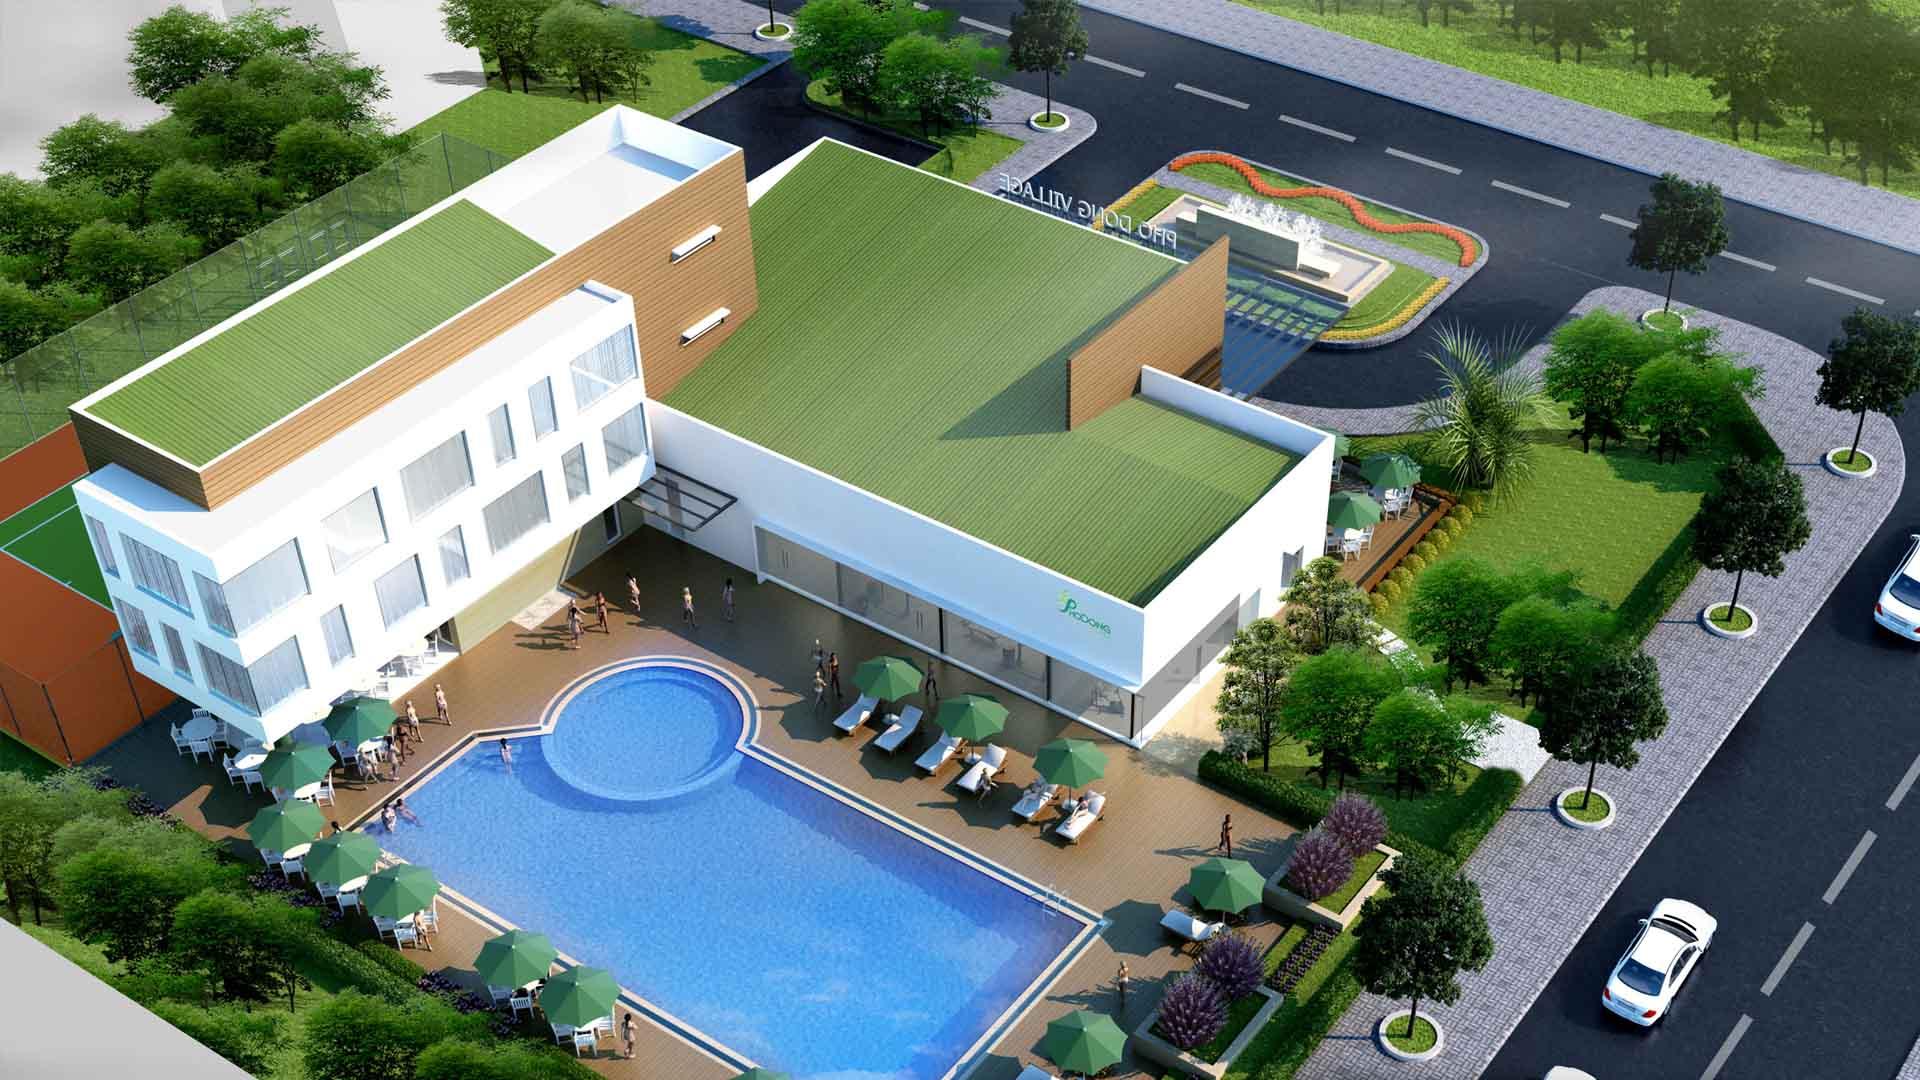 Sailcorp Net Pho Dong Village Center